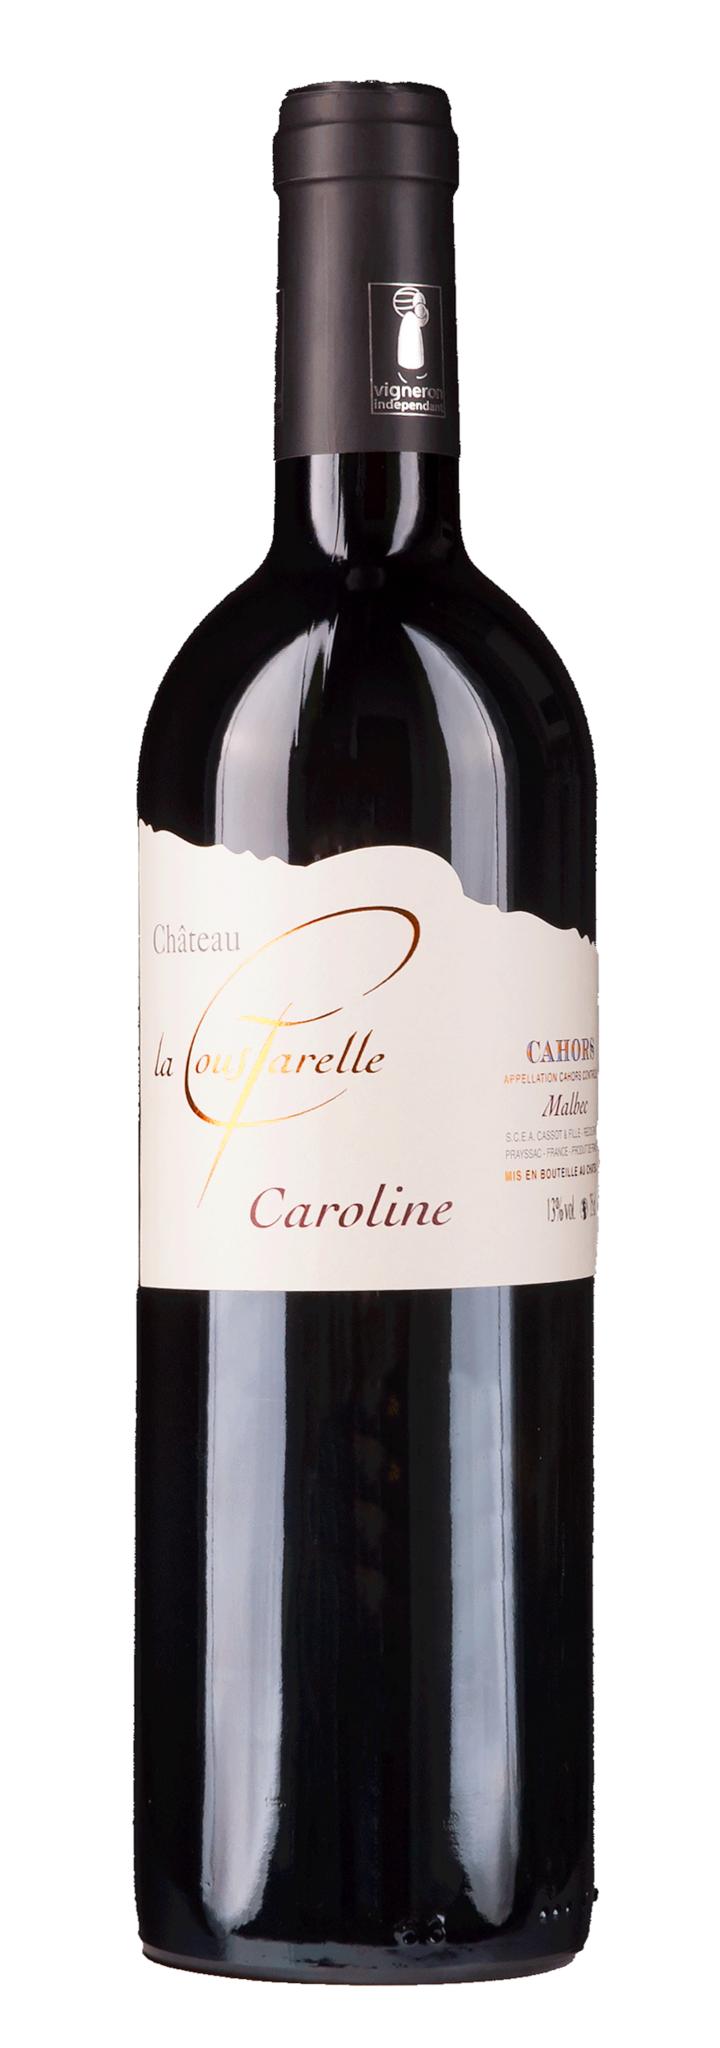 Coustarelle, Château la - Cahors 2016 Cahors Cuvée Caroline, Chat. la Coustarelle